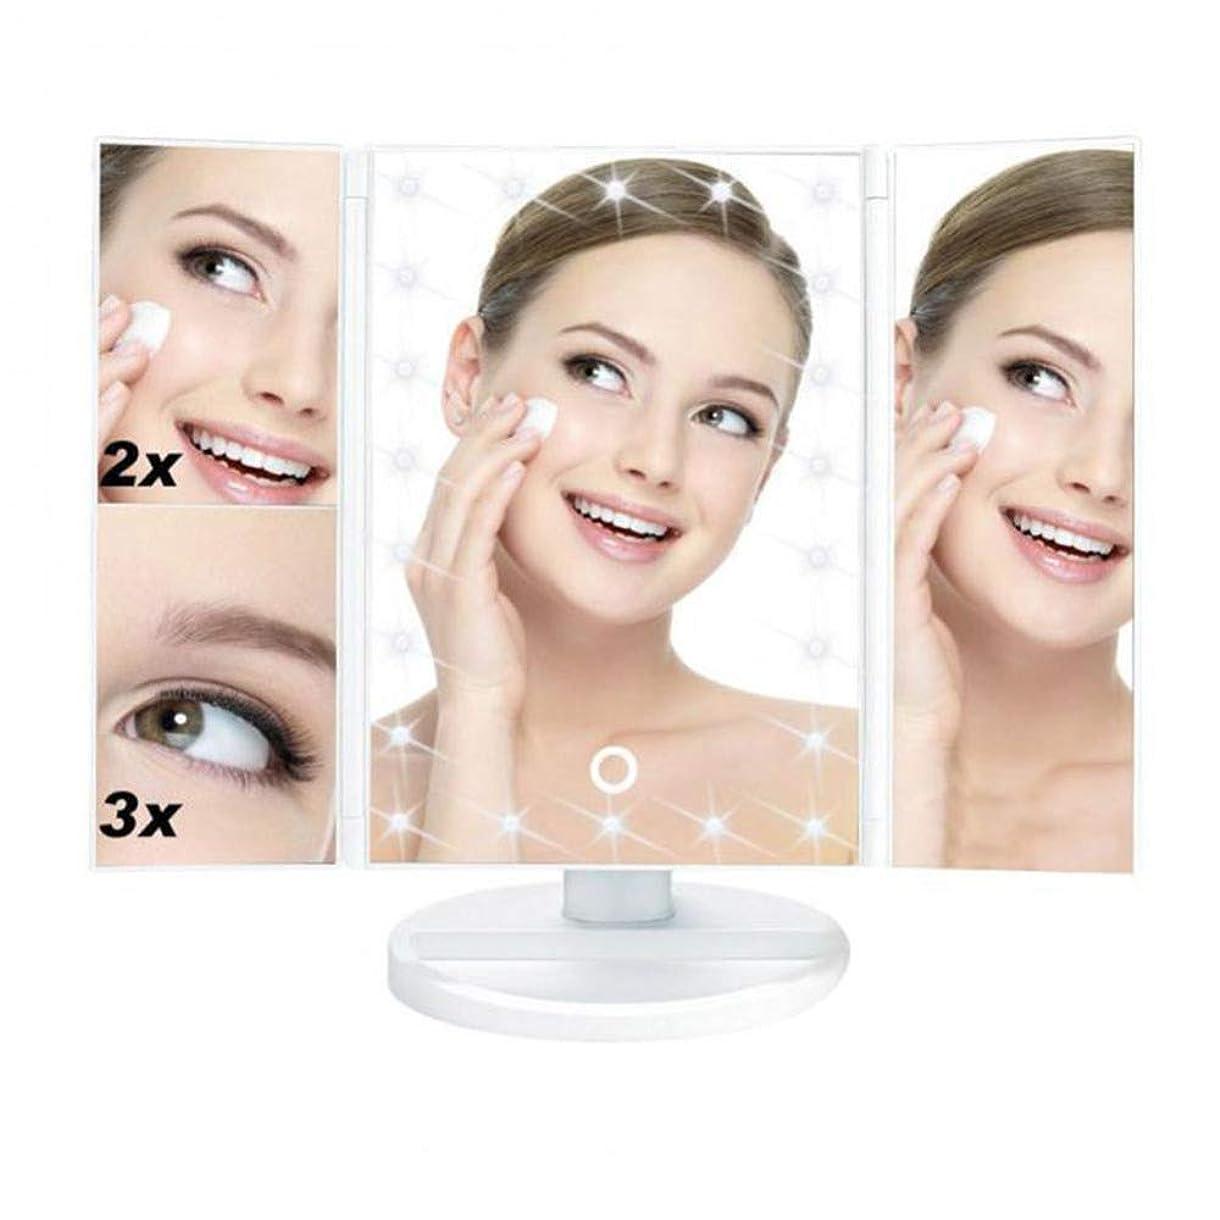 入り口上院フォアマンLED照明とタッチスクリーン付き化粧バニティミラー、3つ折り1X / 2X / 3X倍率、180°回転、カウンタートップ化粧鏡,White-OneSize